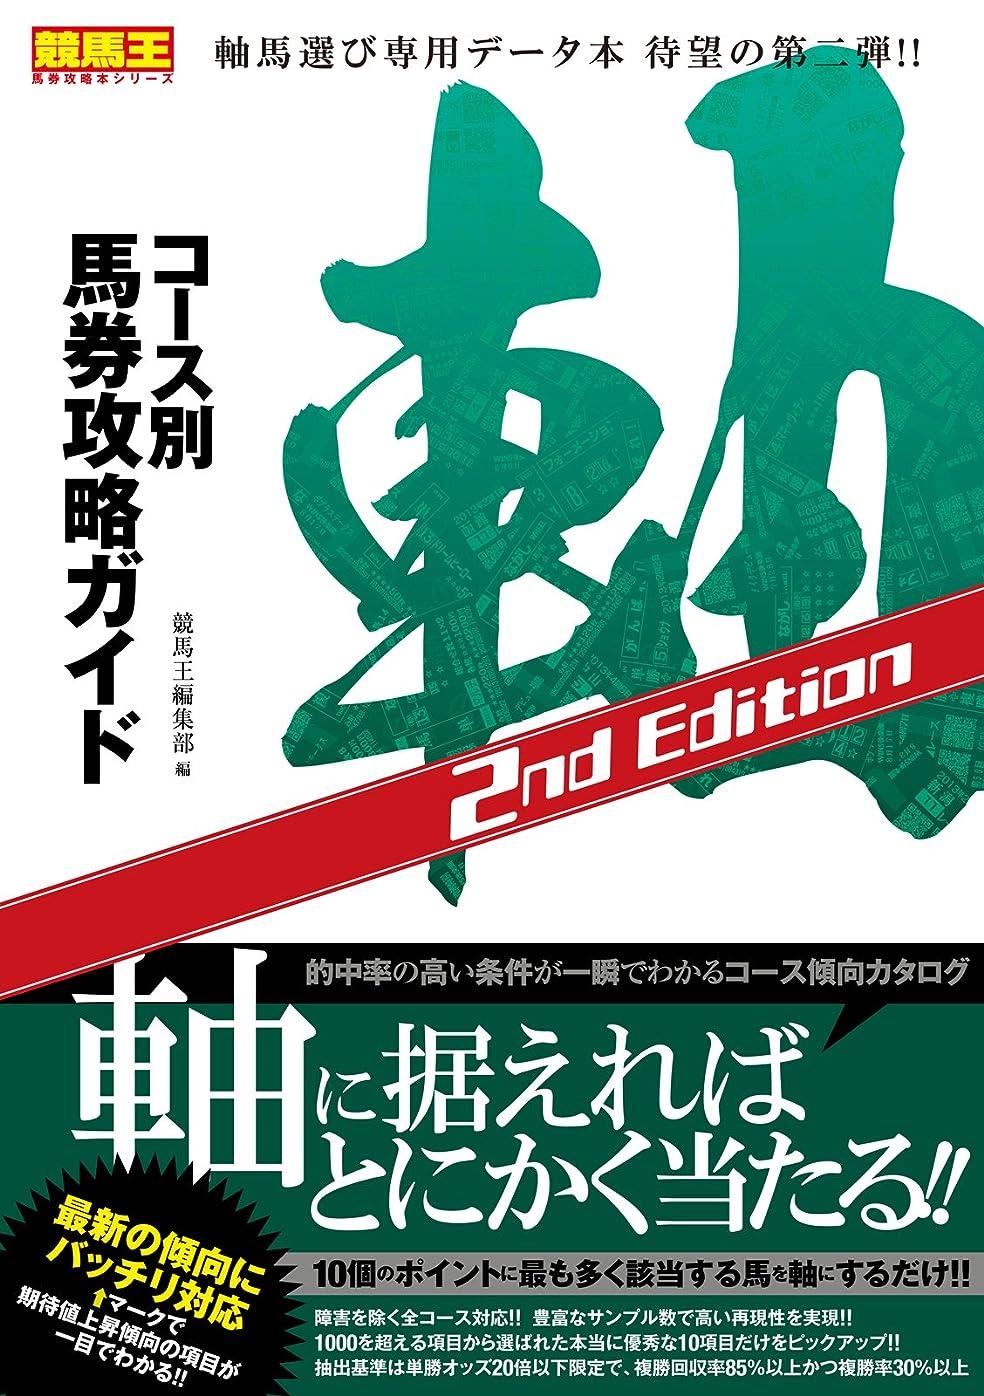 ボーダービリー保護コース別馬券攻略ガイド 軸 2nd Edition